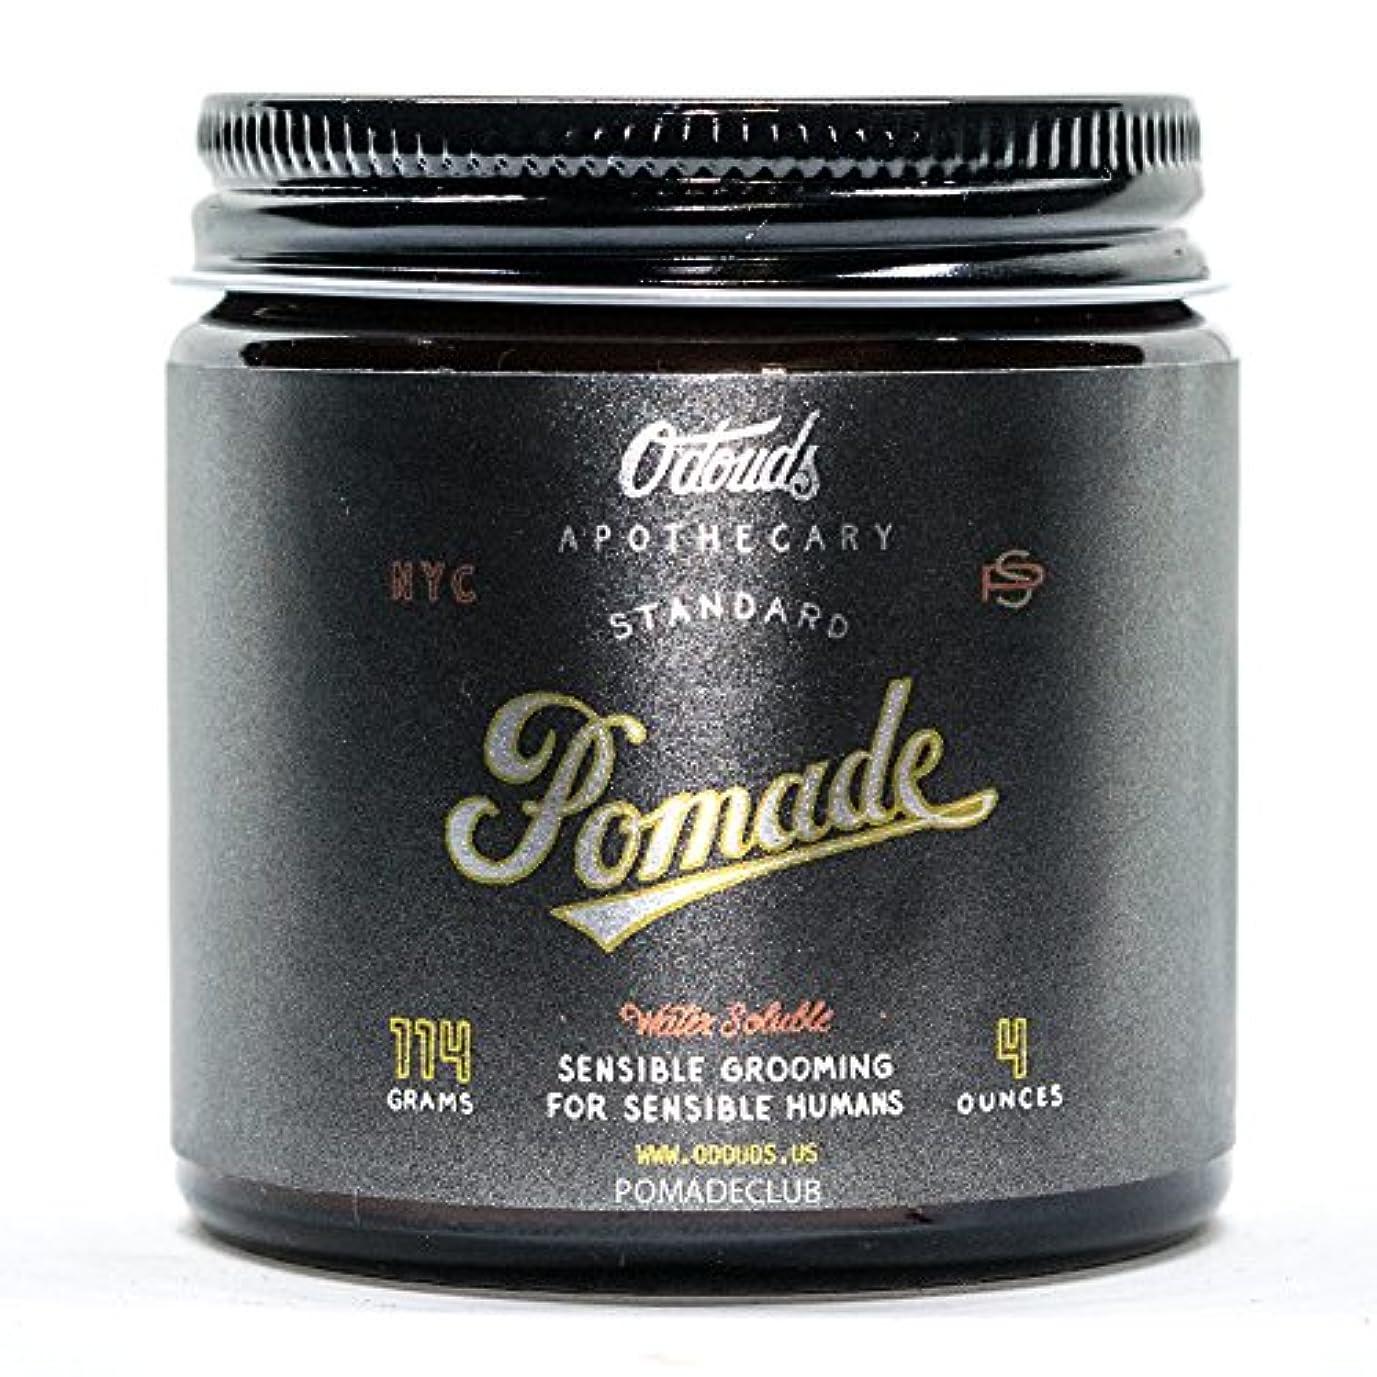 縫う不十分ブランド名O'Douds (オダウズ) スタンダードポマード STANDARD POMADE メンズ 整髪料 水性 ヘアグリース クリームタイプ ツヤあり ストロングホールド